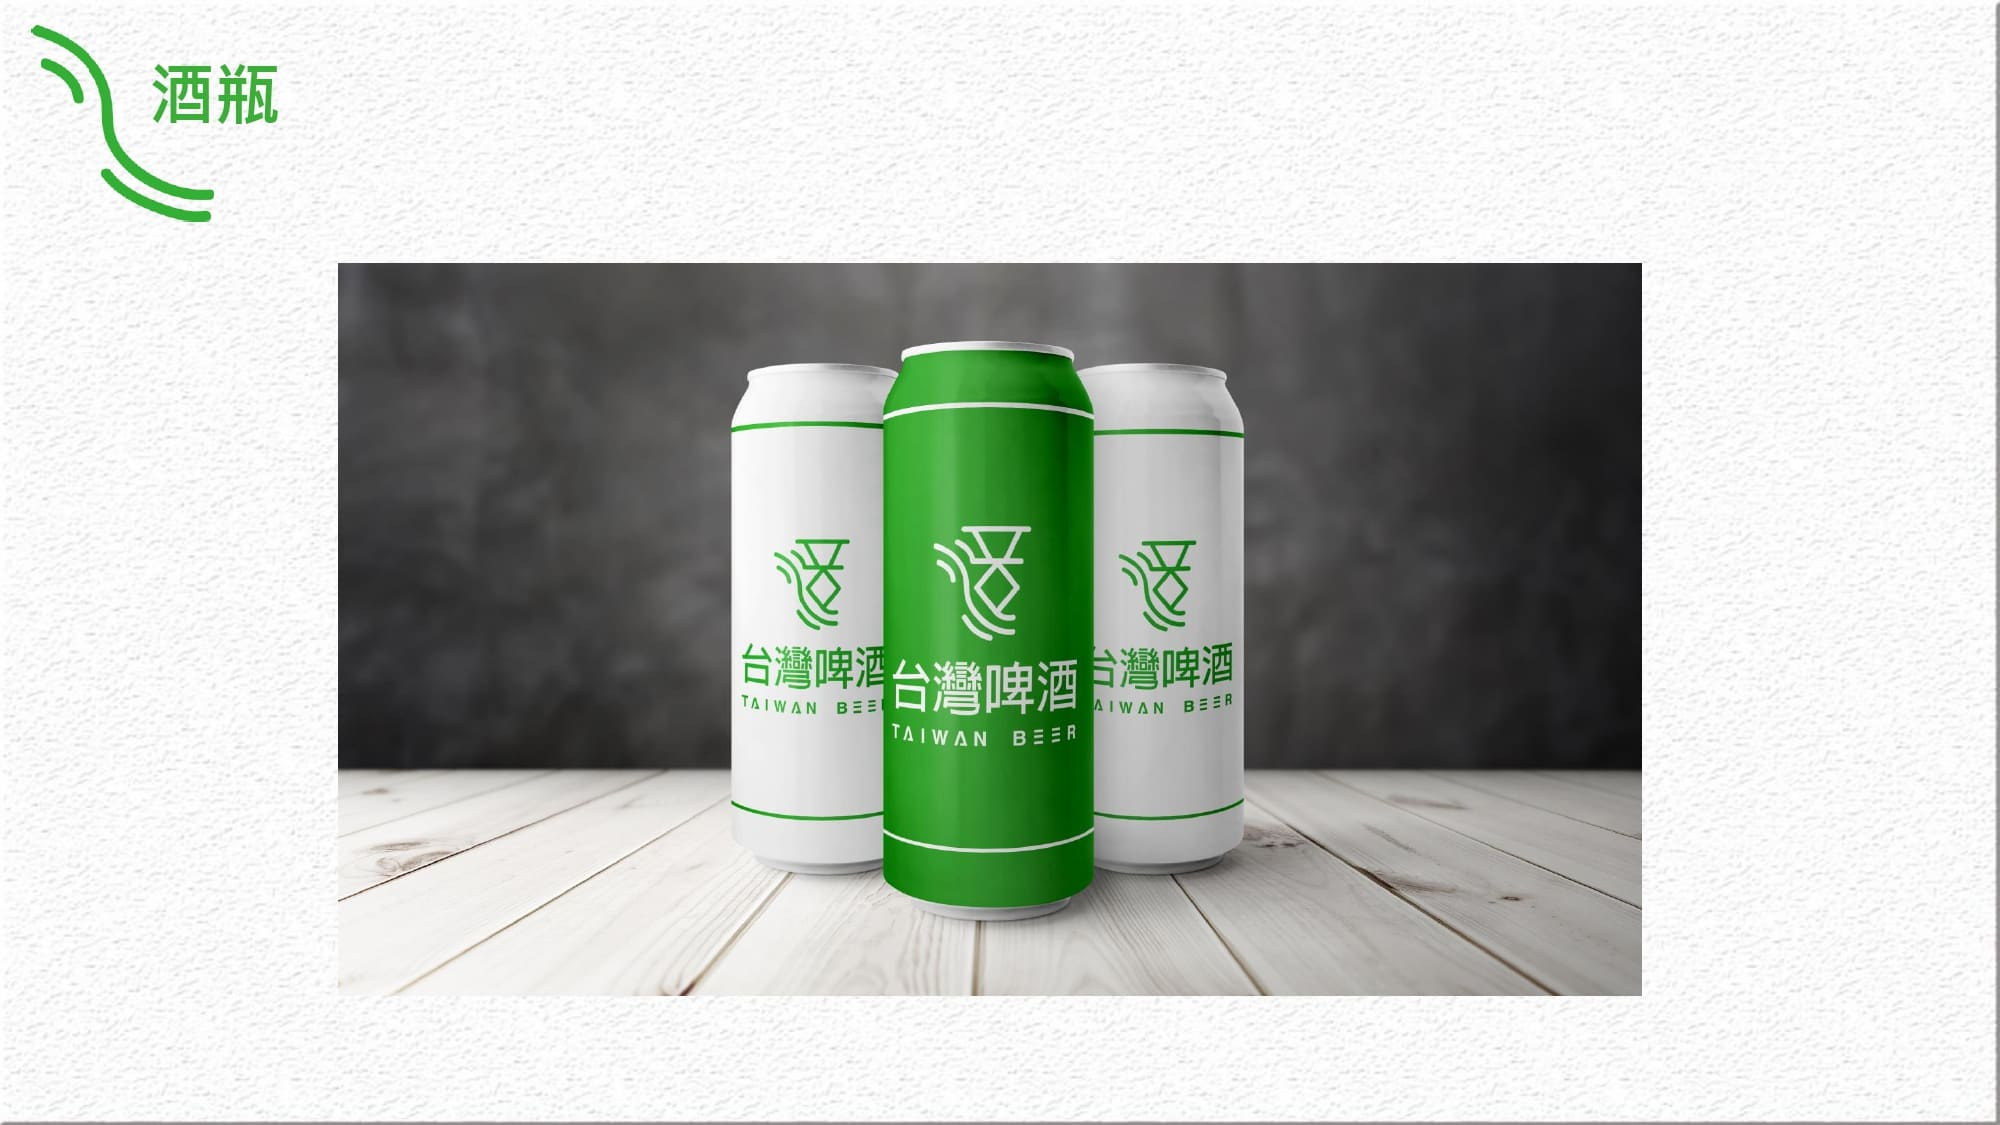 台灣啤酒108.4.23_page-0020